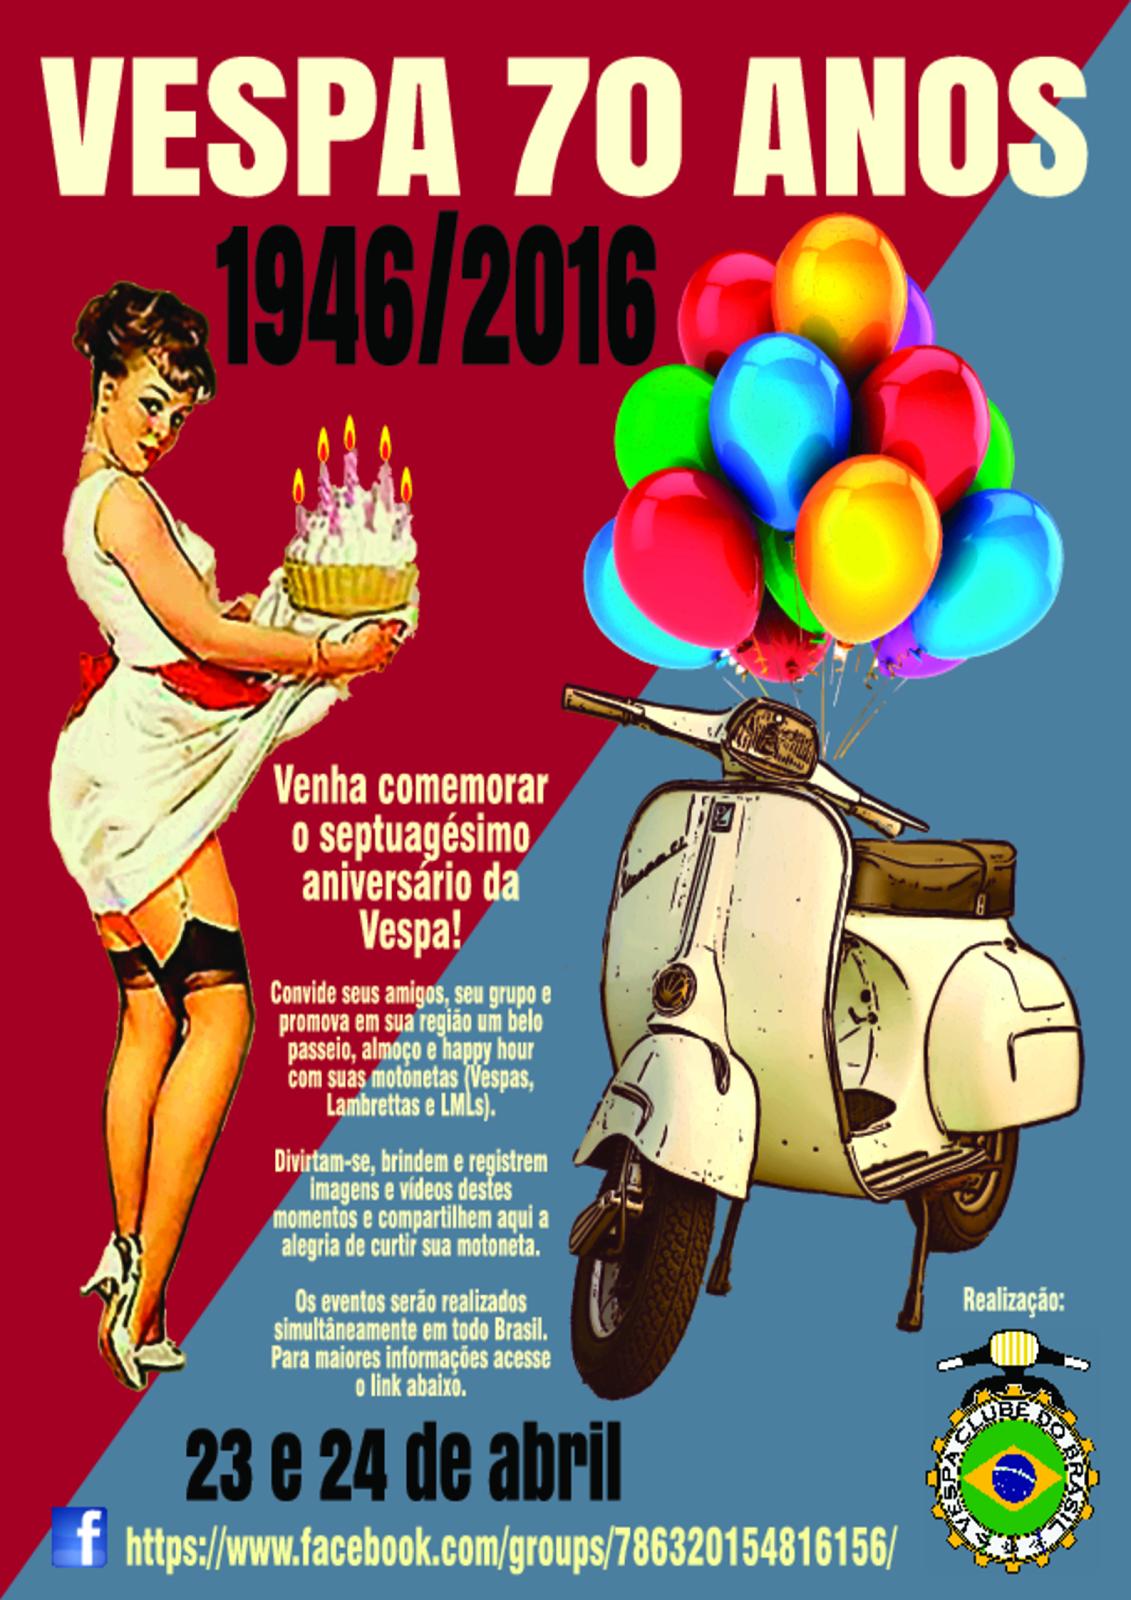 Evento Vespa 70 Anos